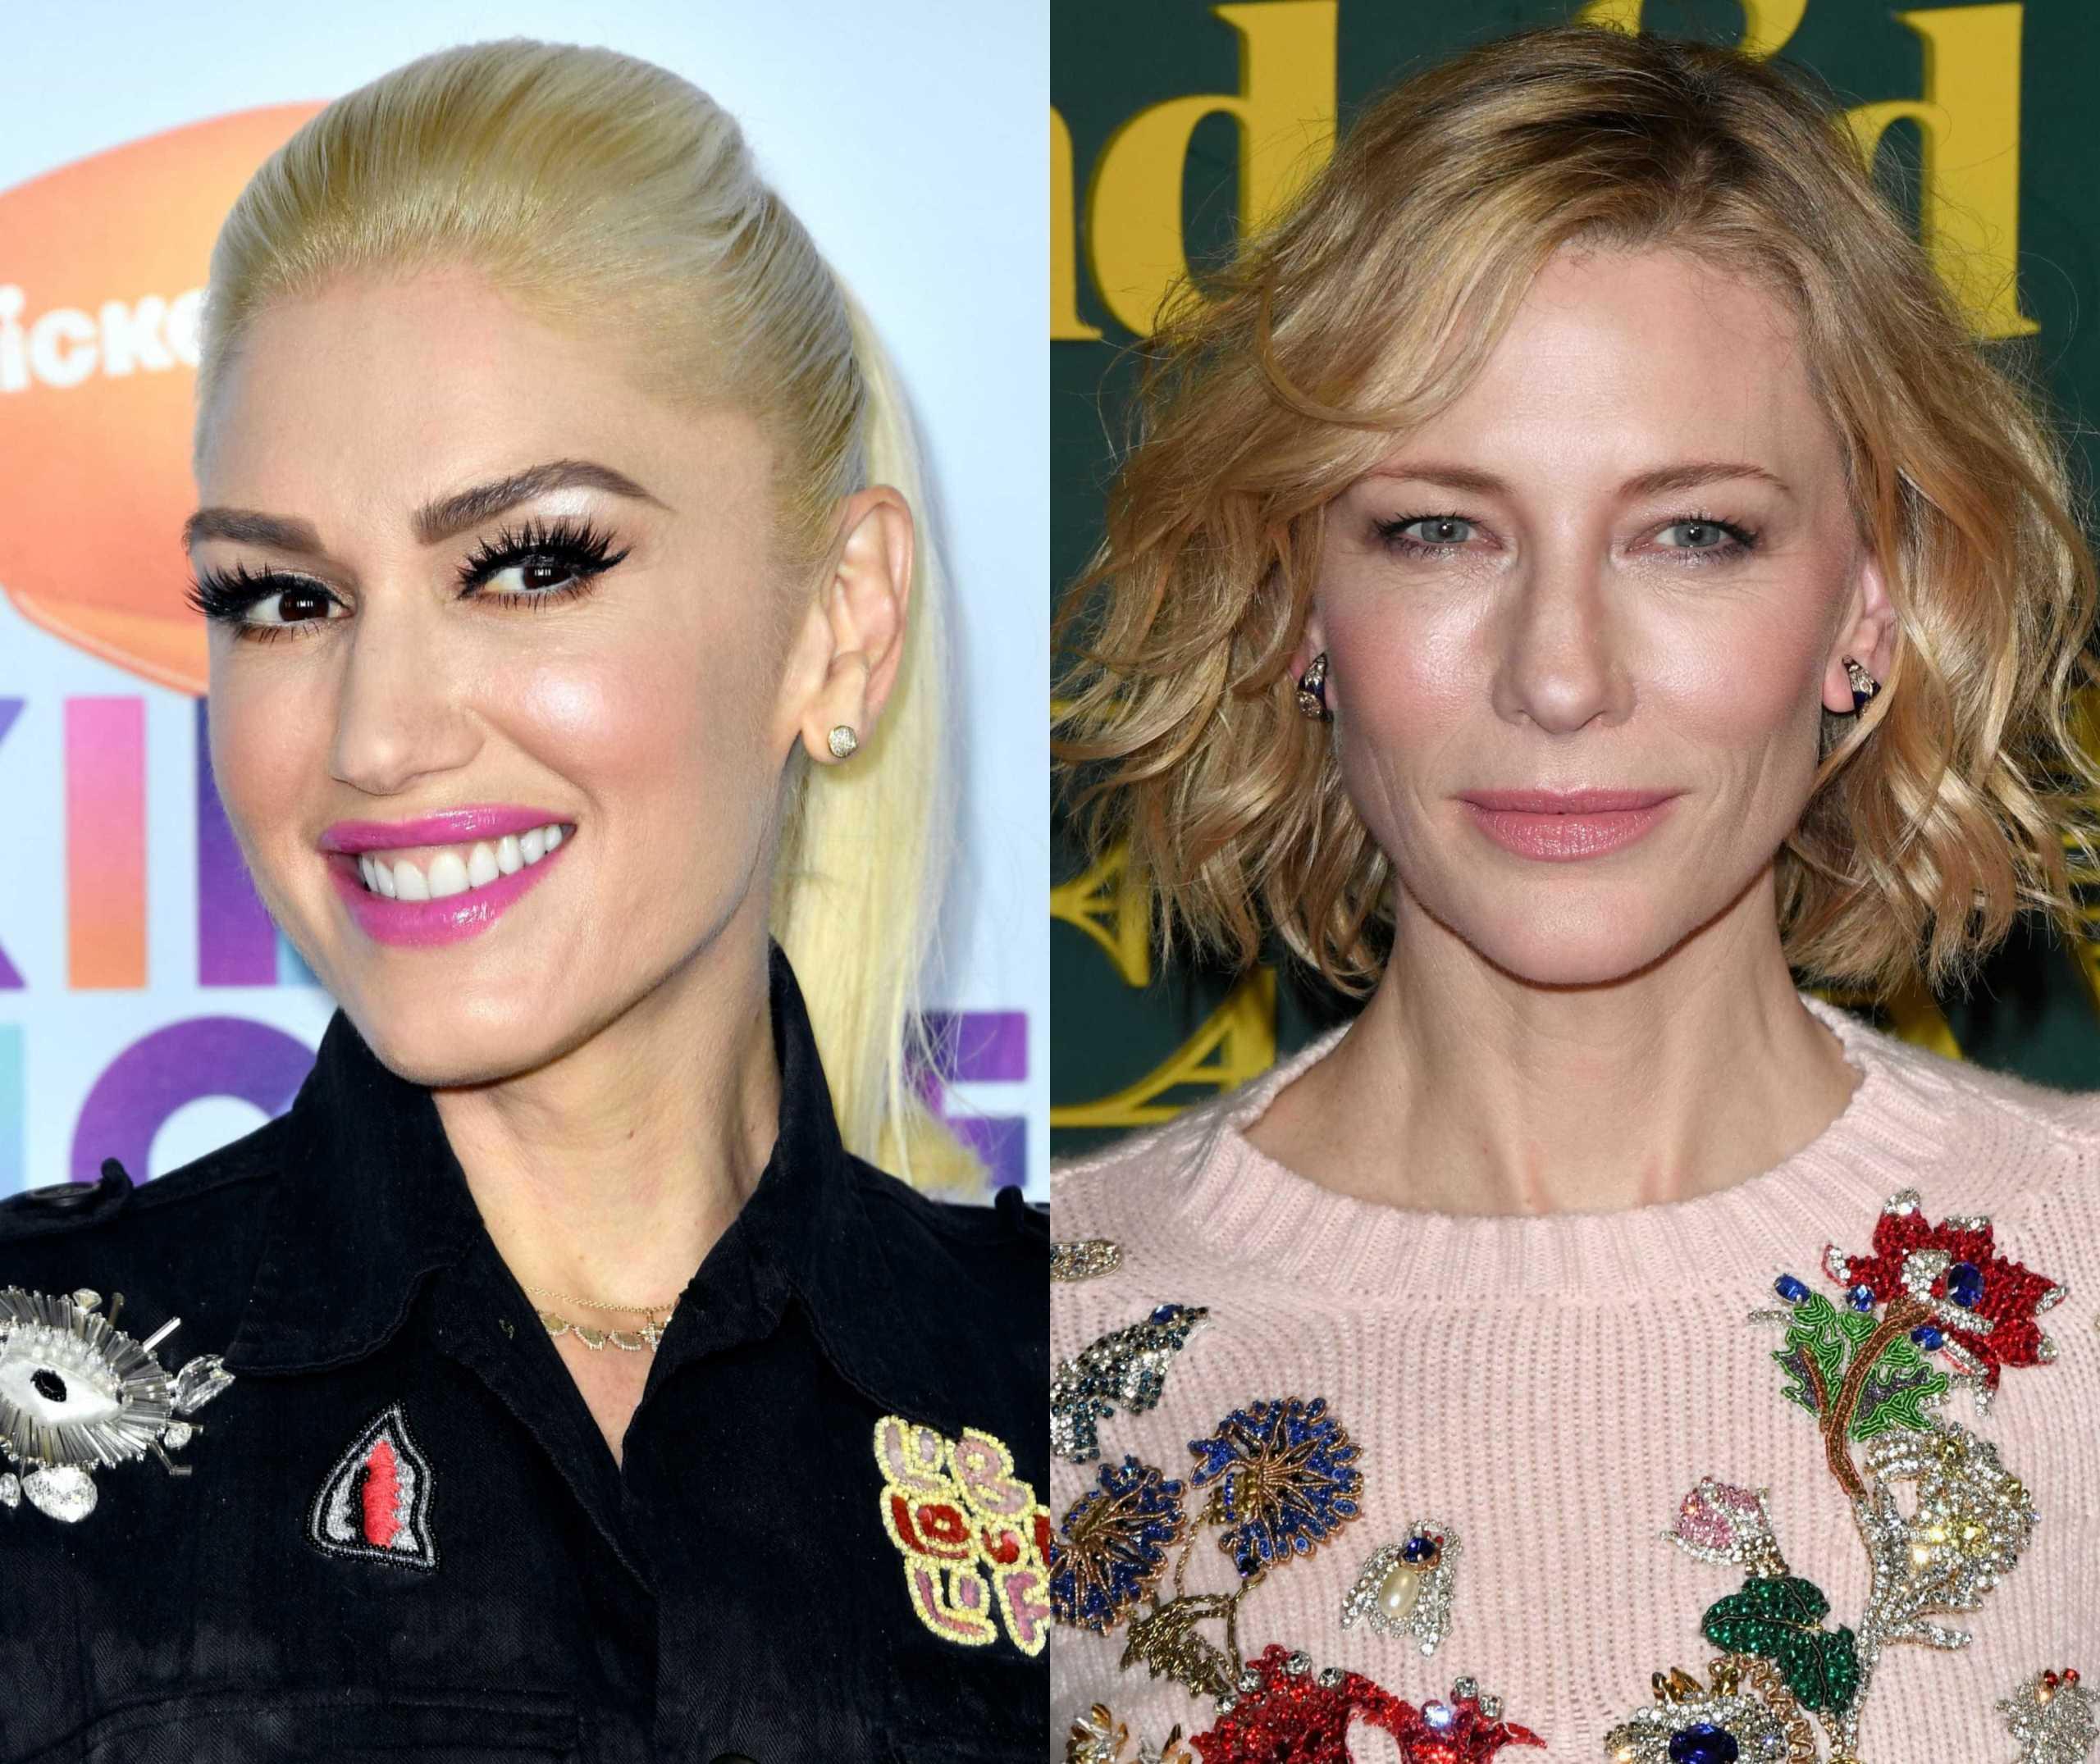 Diria que estes famosos têm a mesma idade?